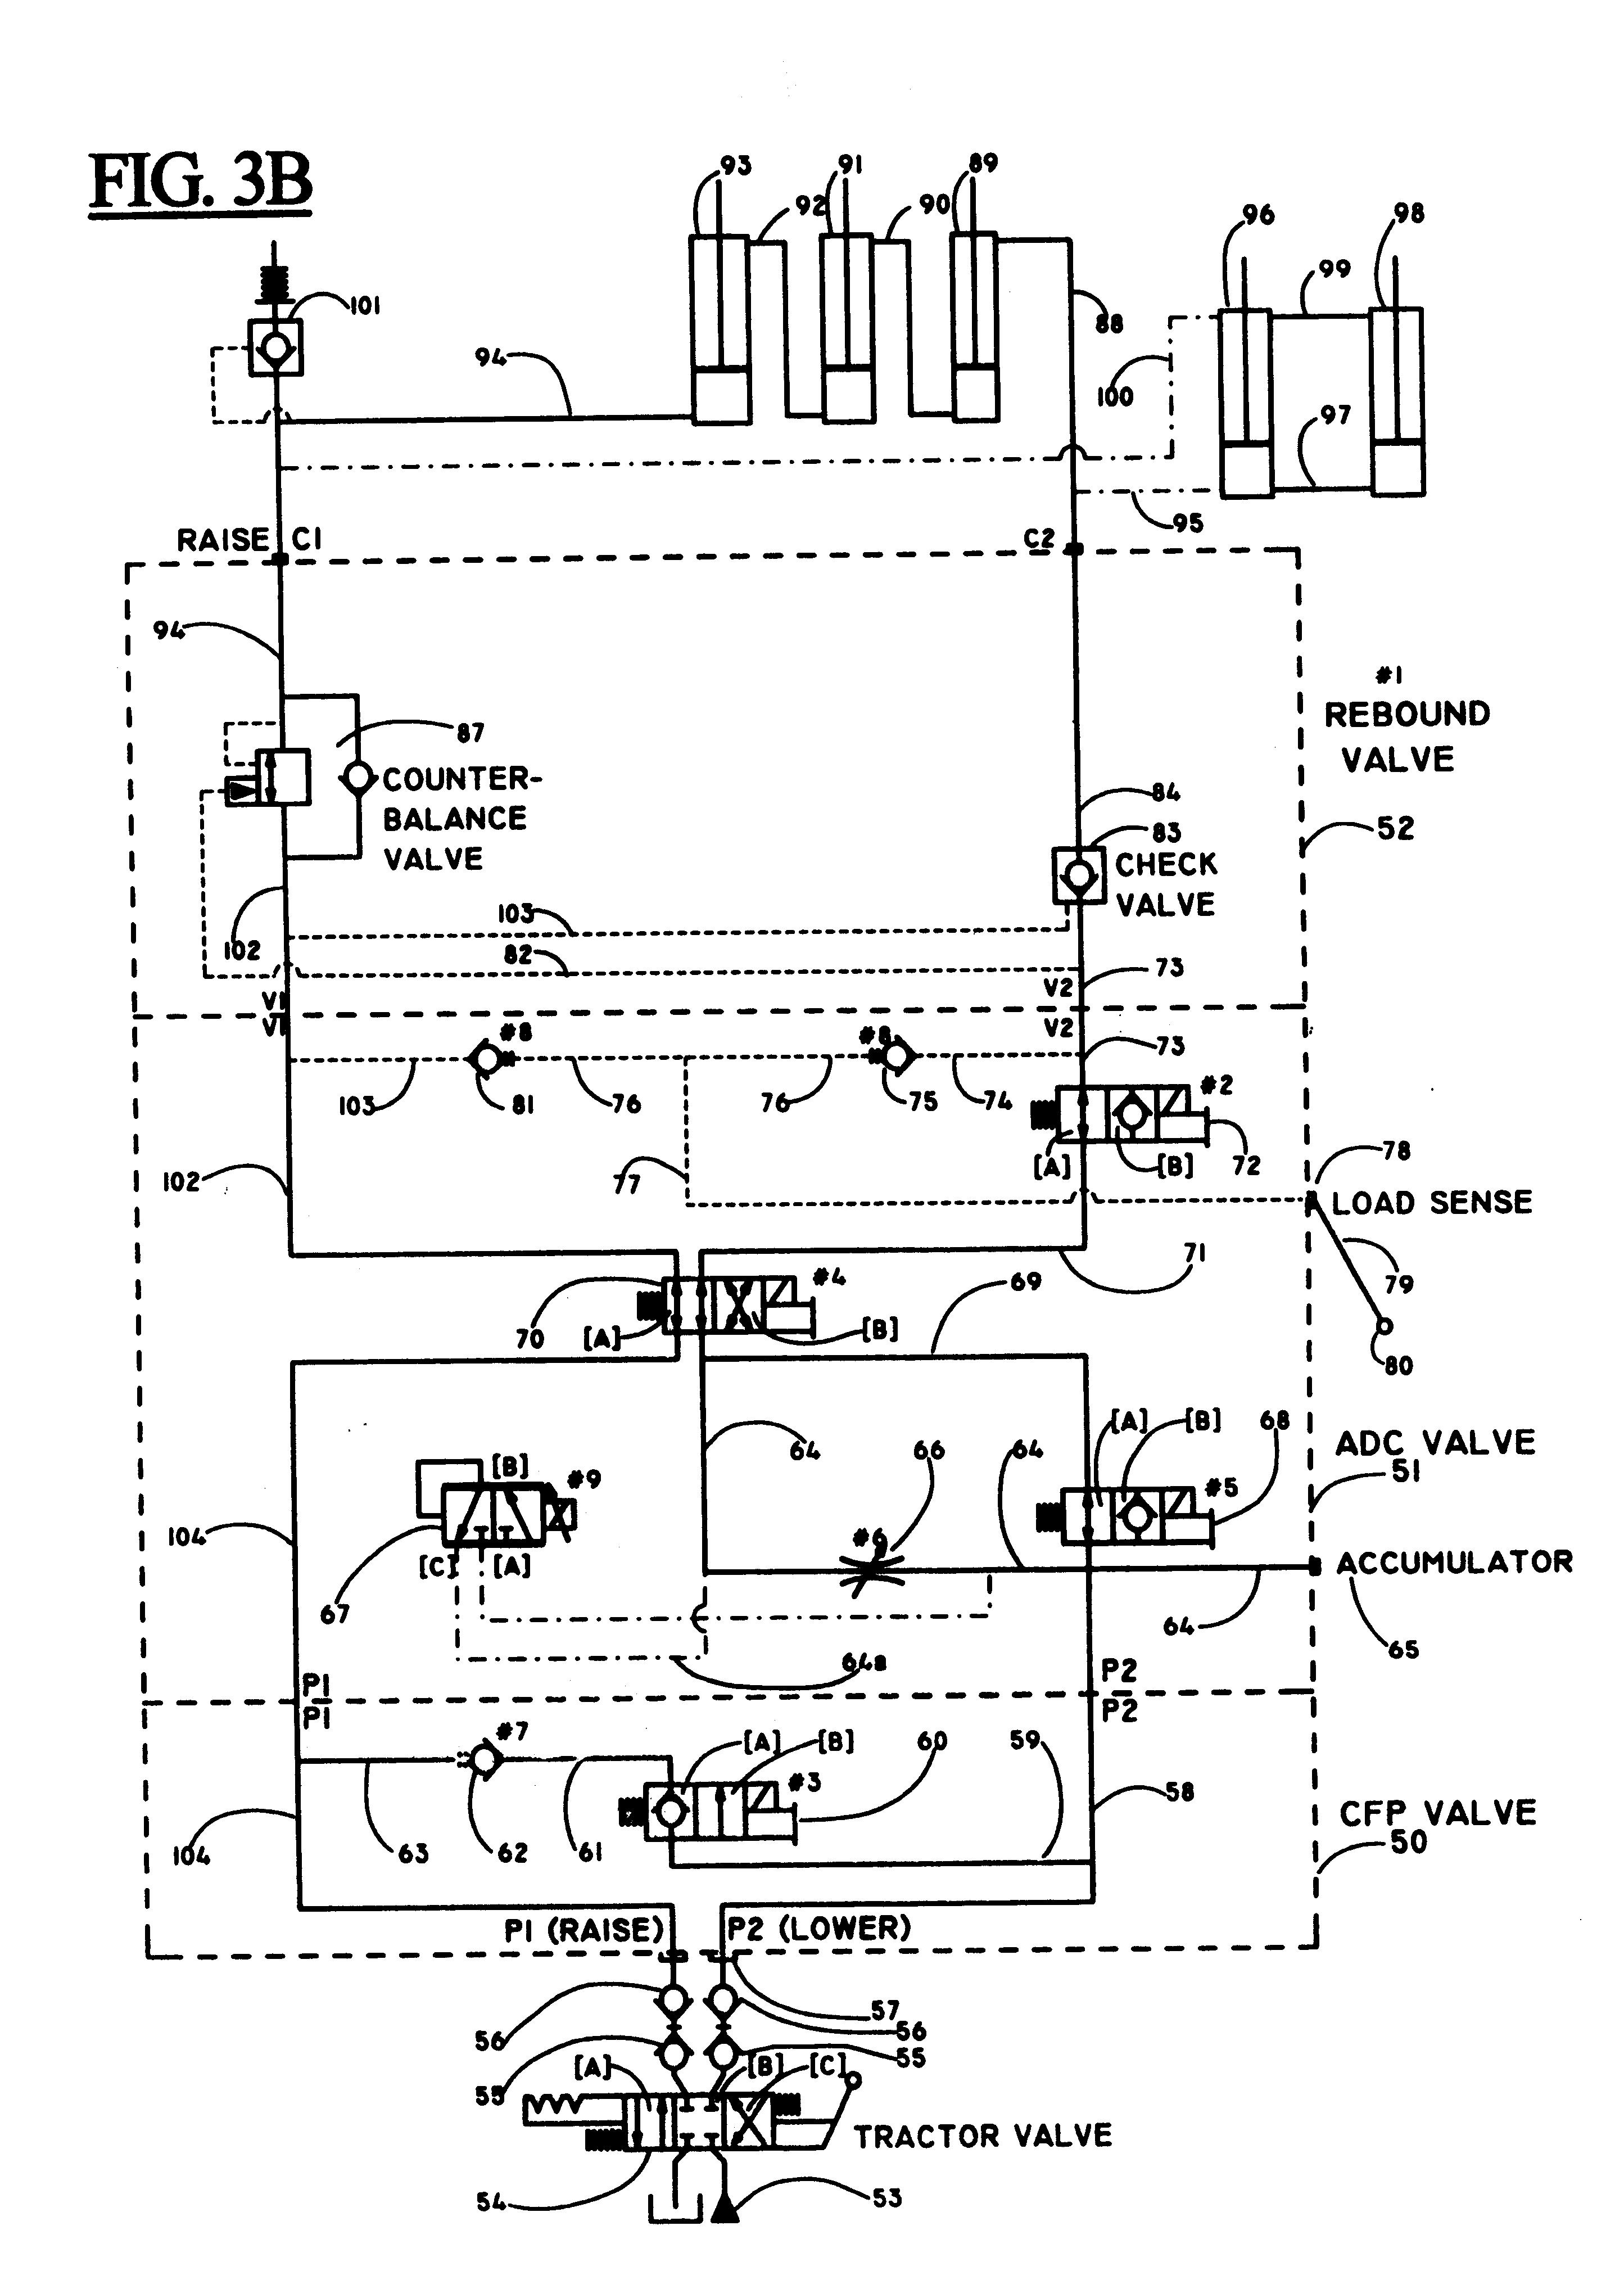 [DIAGRAM_38IS]  HK_0009] John Deere 2940 Wiring Diagram Download Diagram   John Deere 2940 Wiring Diagram Free Picture      Rine Leona Tool Mohammedshrine Librar Wiring 101